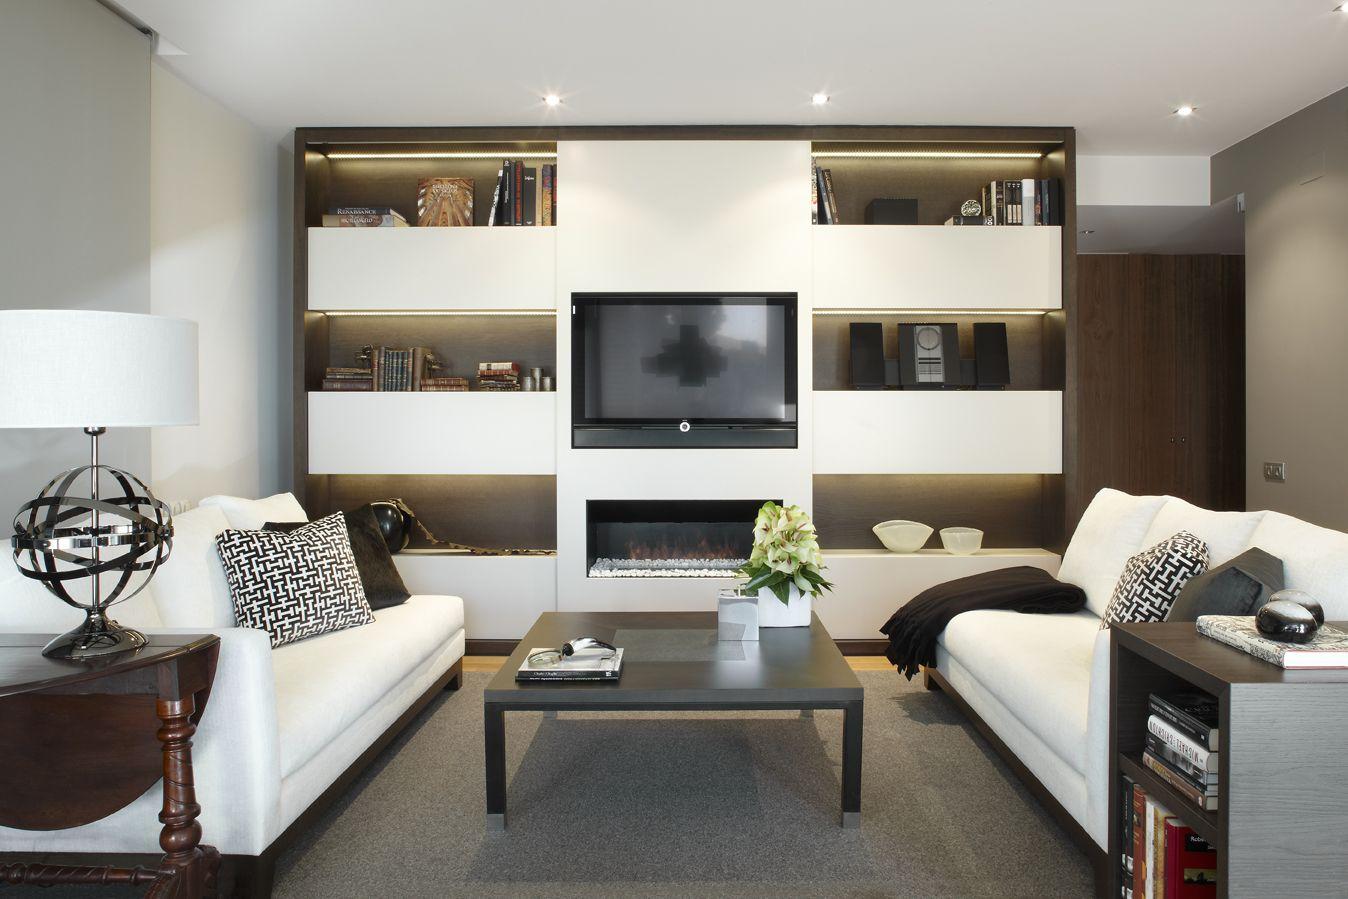 Molins interiors arquitectura interior interiorismo for Interiorismo salones